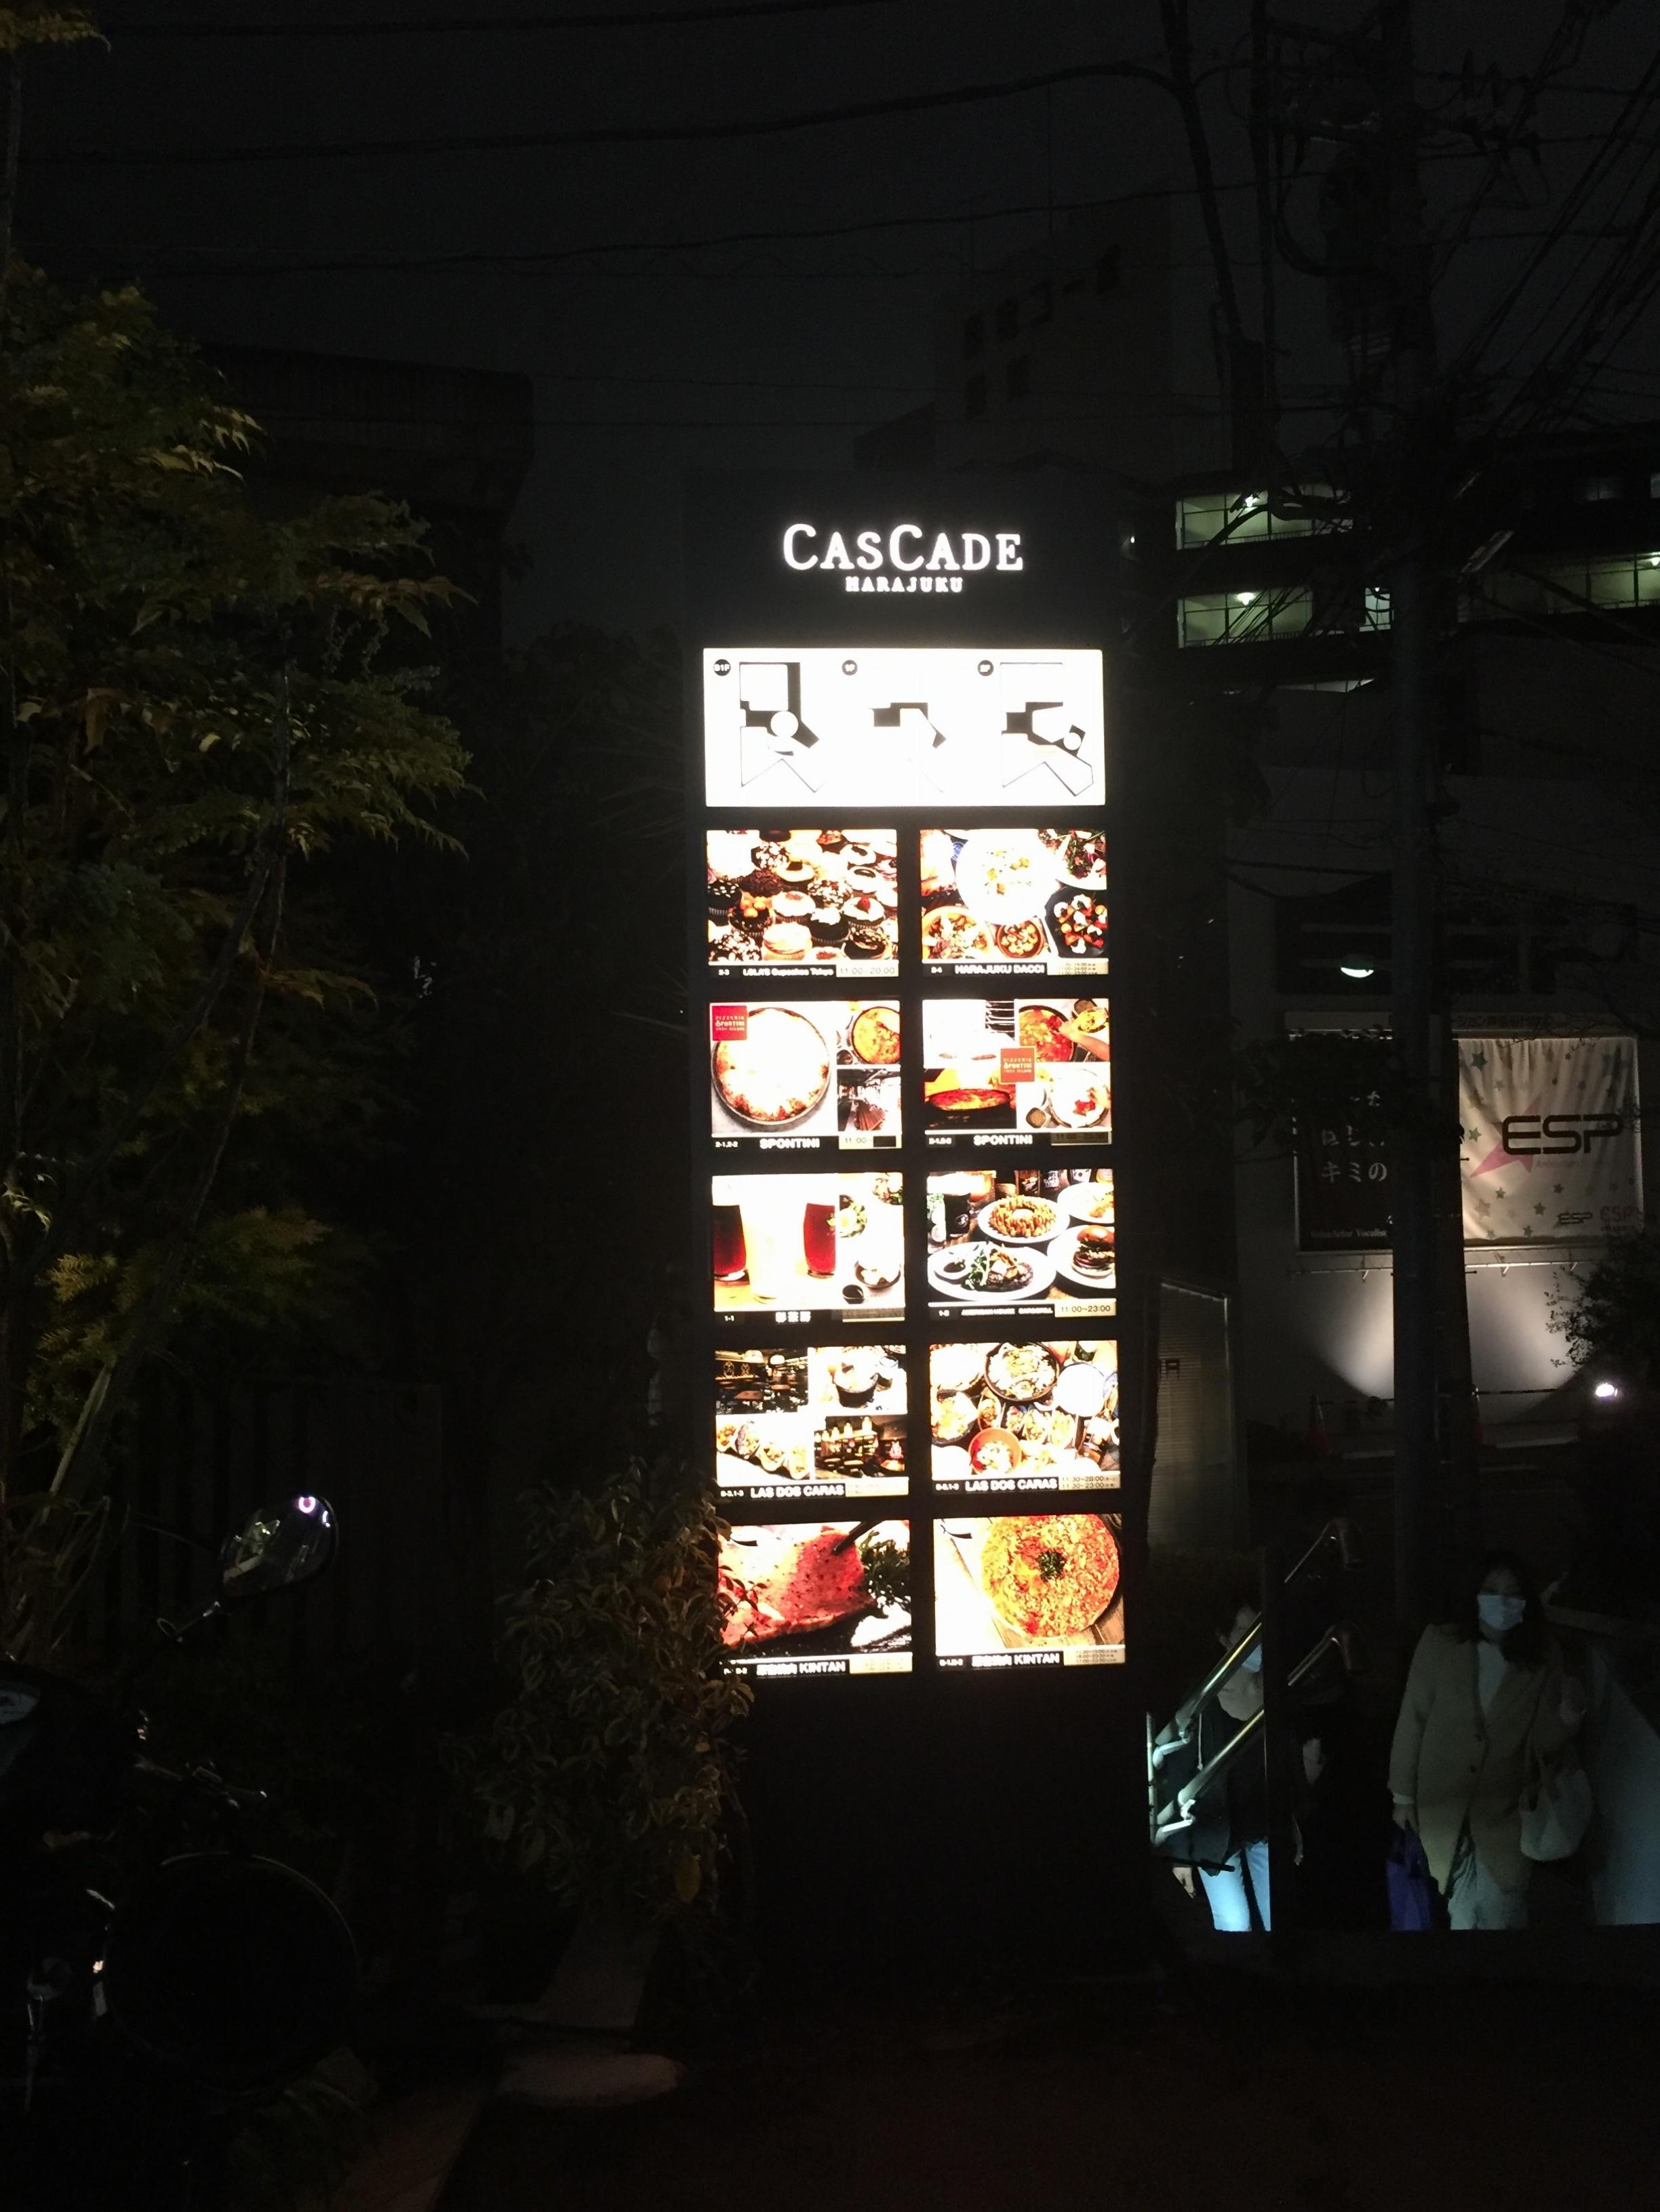 原宿駅から徒歩2分。日本初上陸多数!!大人向け飲食店が集まる【*CASCADE原宿*】のディナーがおすすめ♪  _2